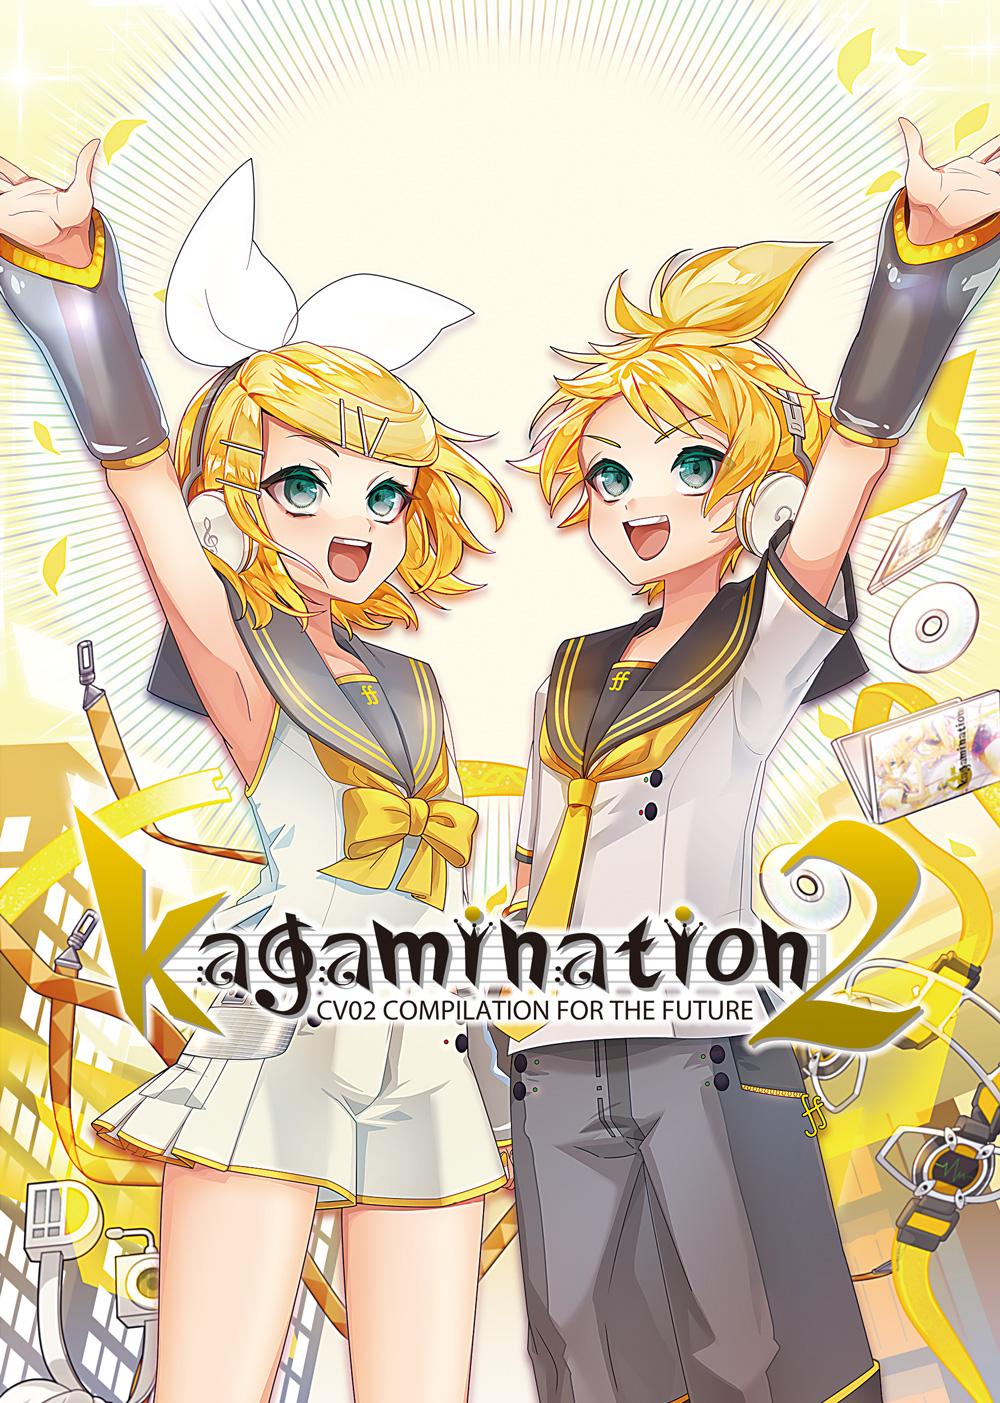 『kagamination2』アルバムジャケット